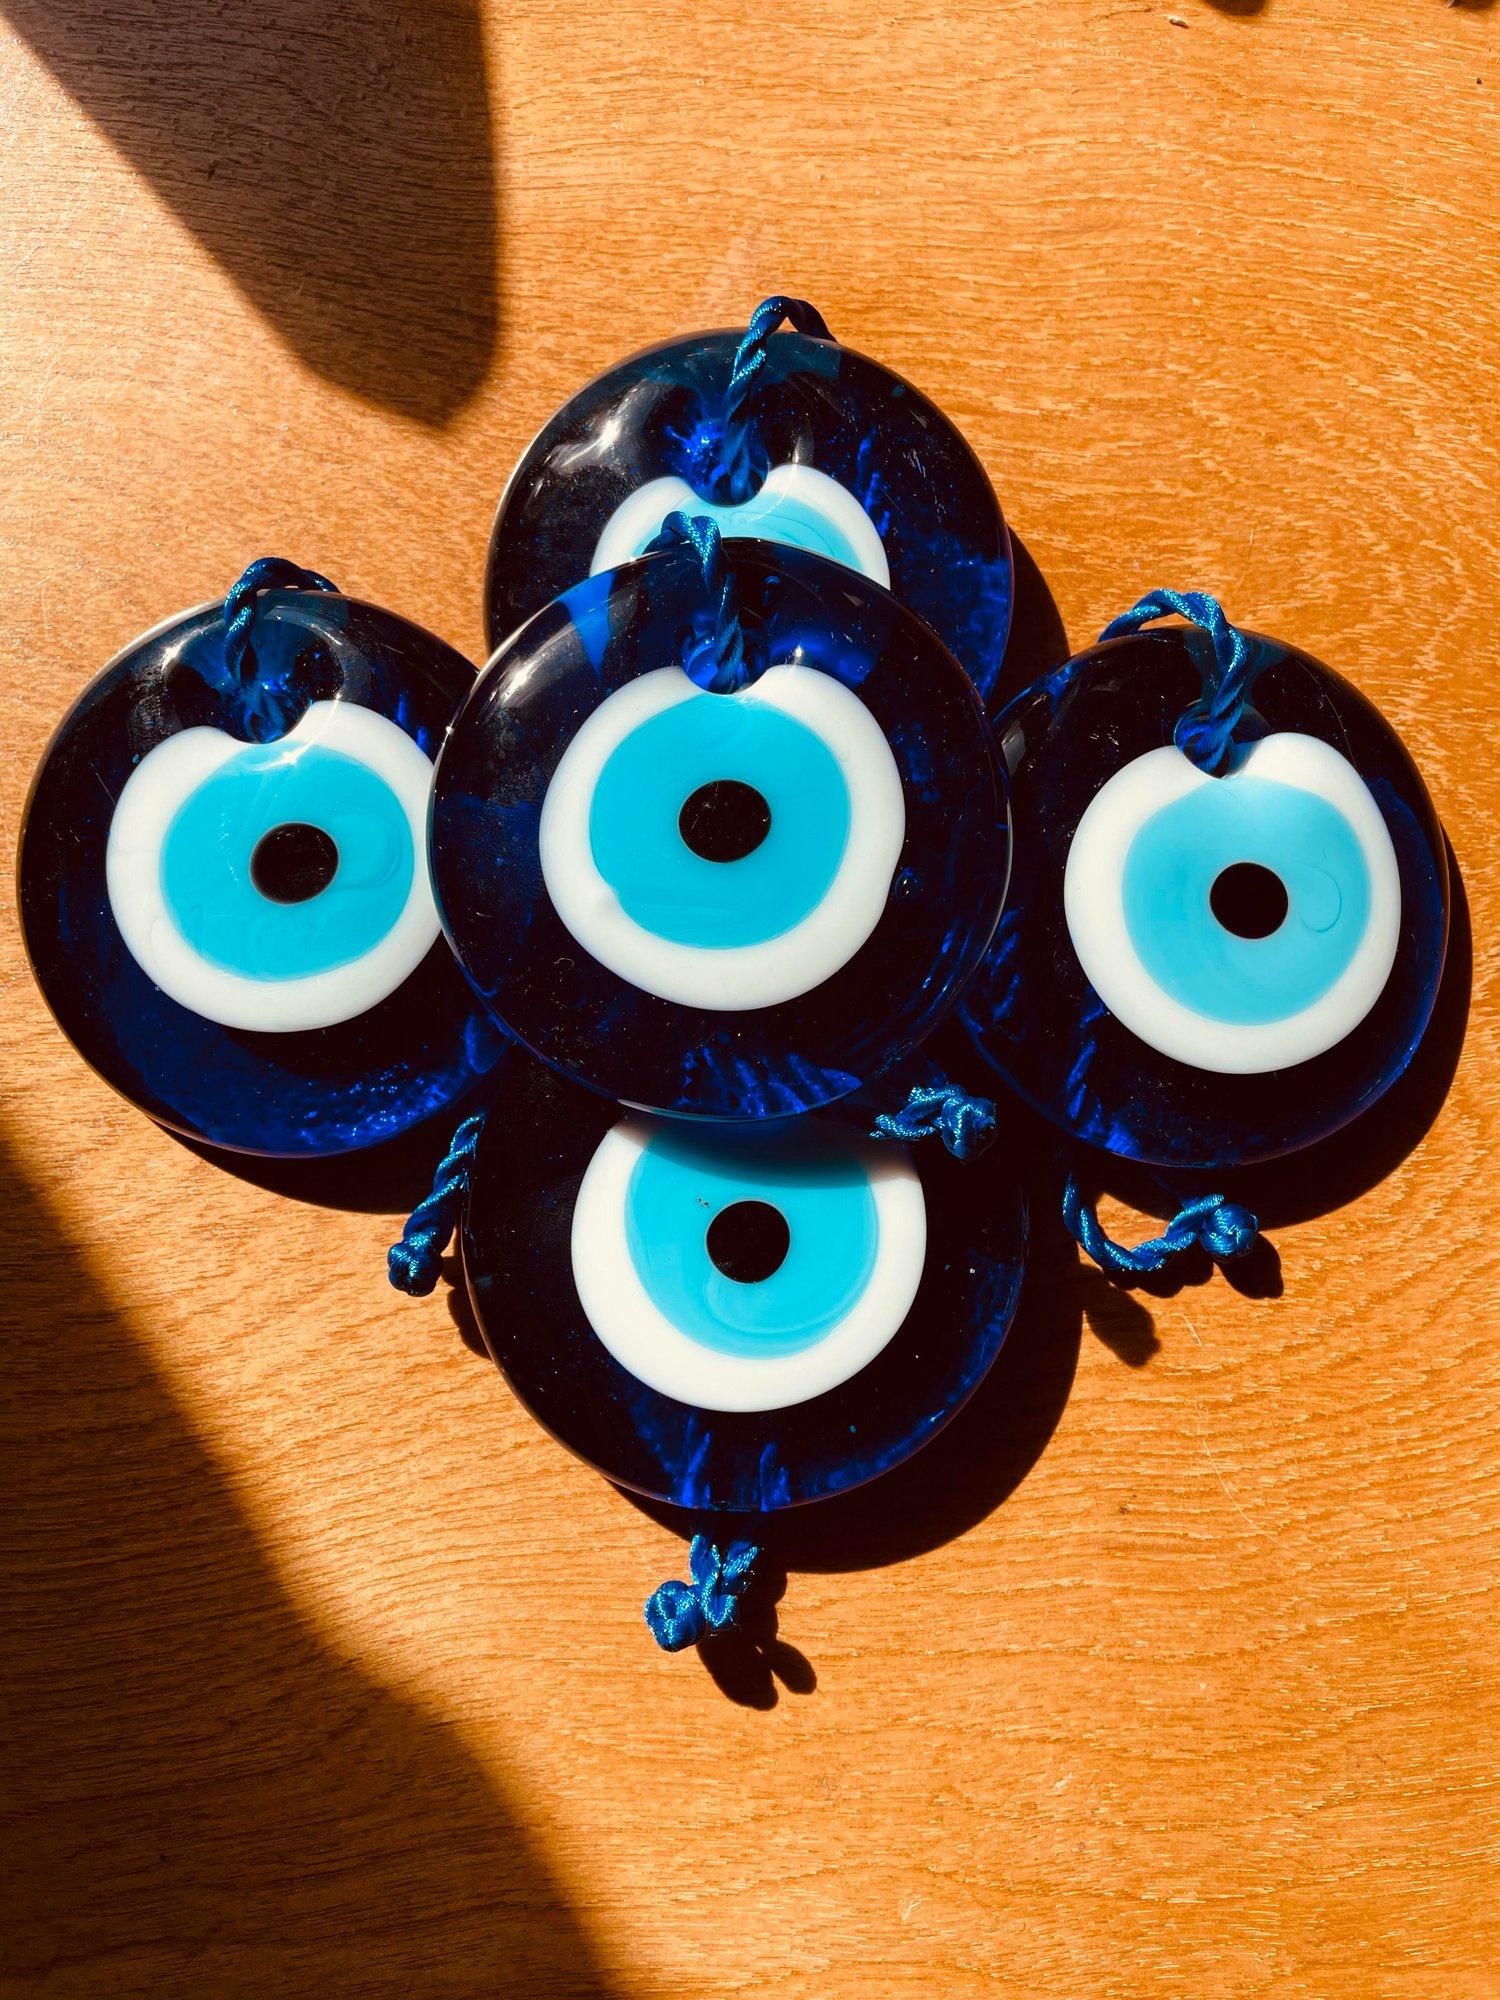 Image of Large 2 1/2 inch Nazar Eye